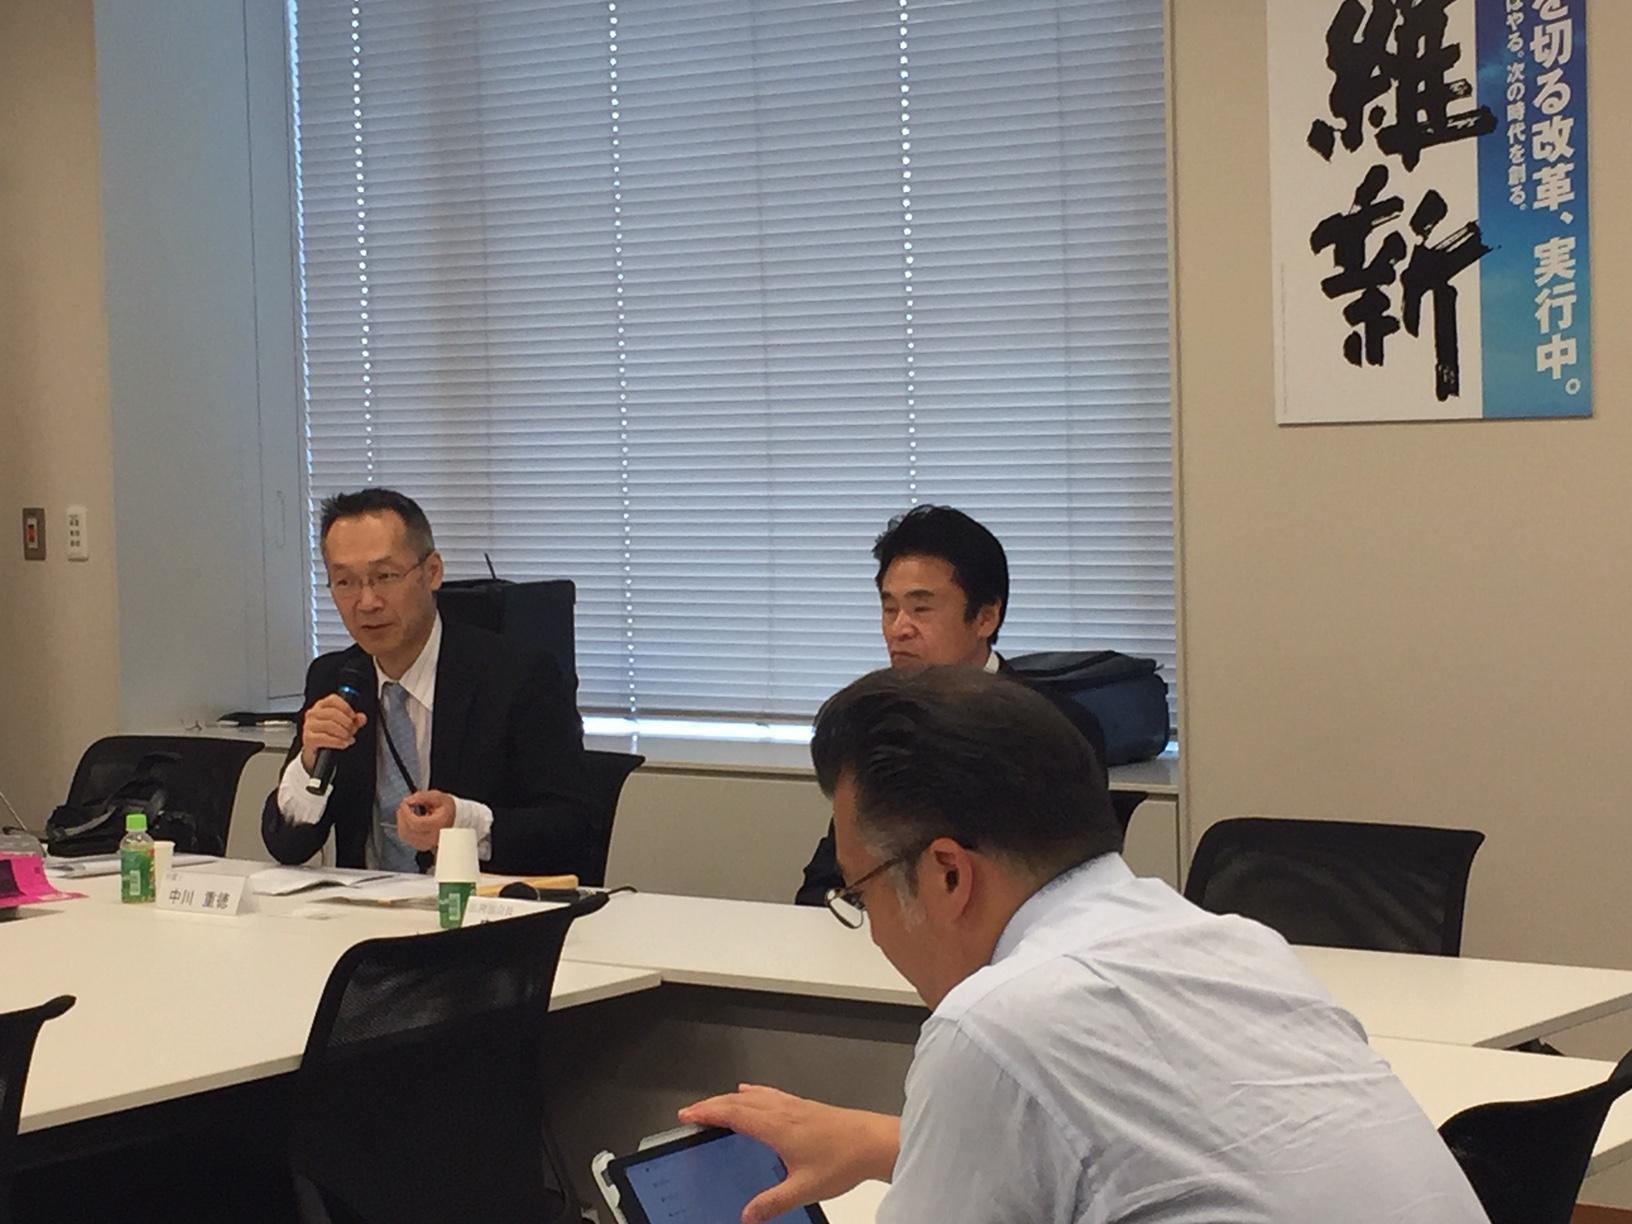 2019年4月23日(火) 日本維新の会政調会 勉強会(「同性婚」について)